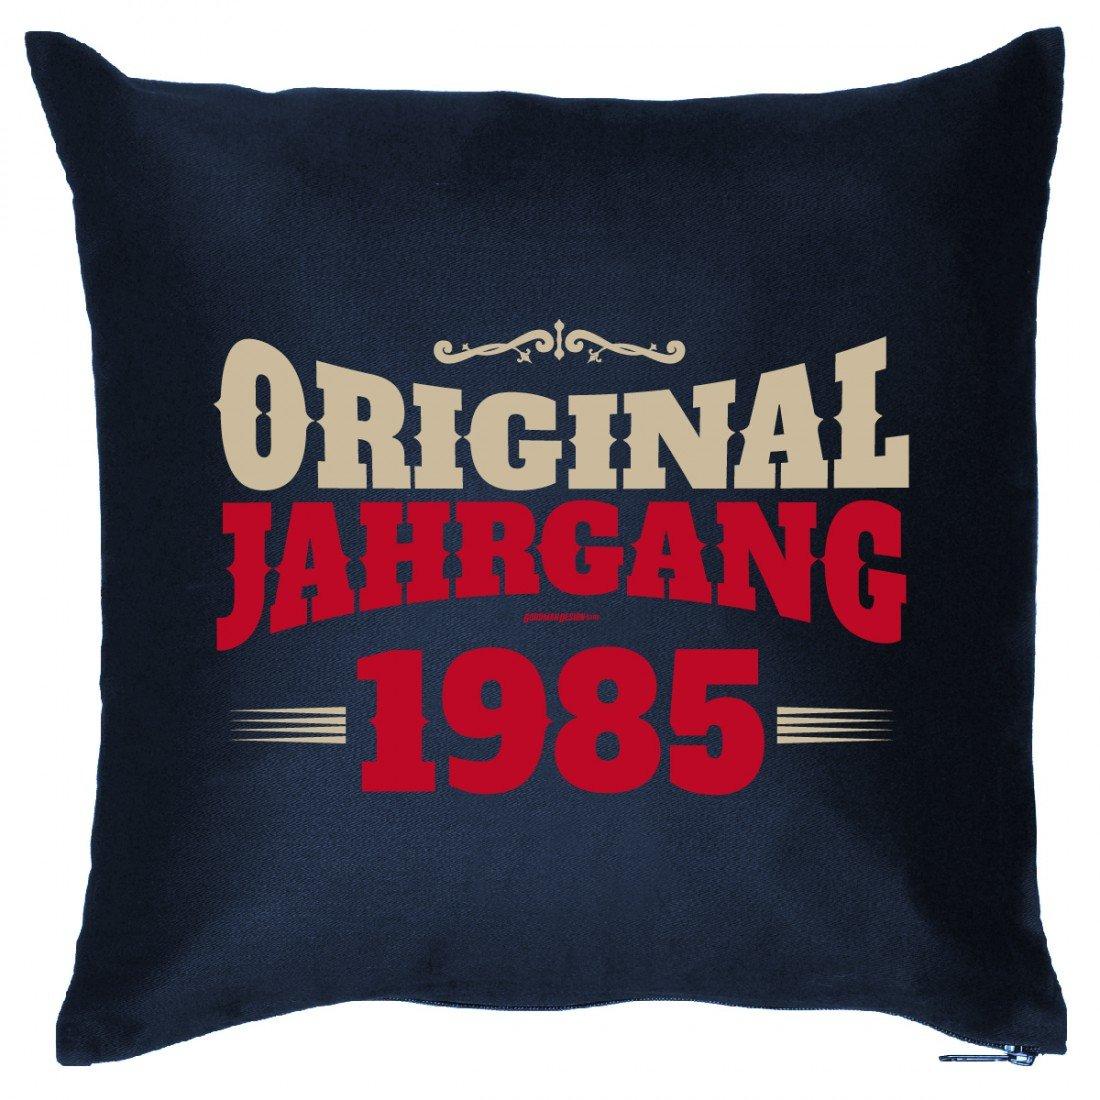 Cooles Couch Kissen mit Jahrgang zum Geburtstag – Original Jahrgang 1985 – Sofakissen Wendekissen mit Spruch und Humor online bestellen